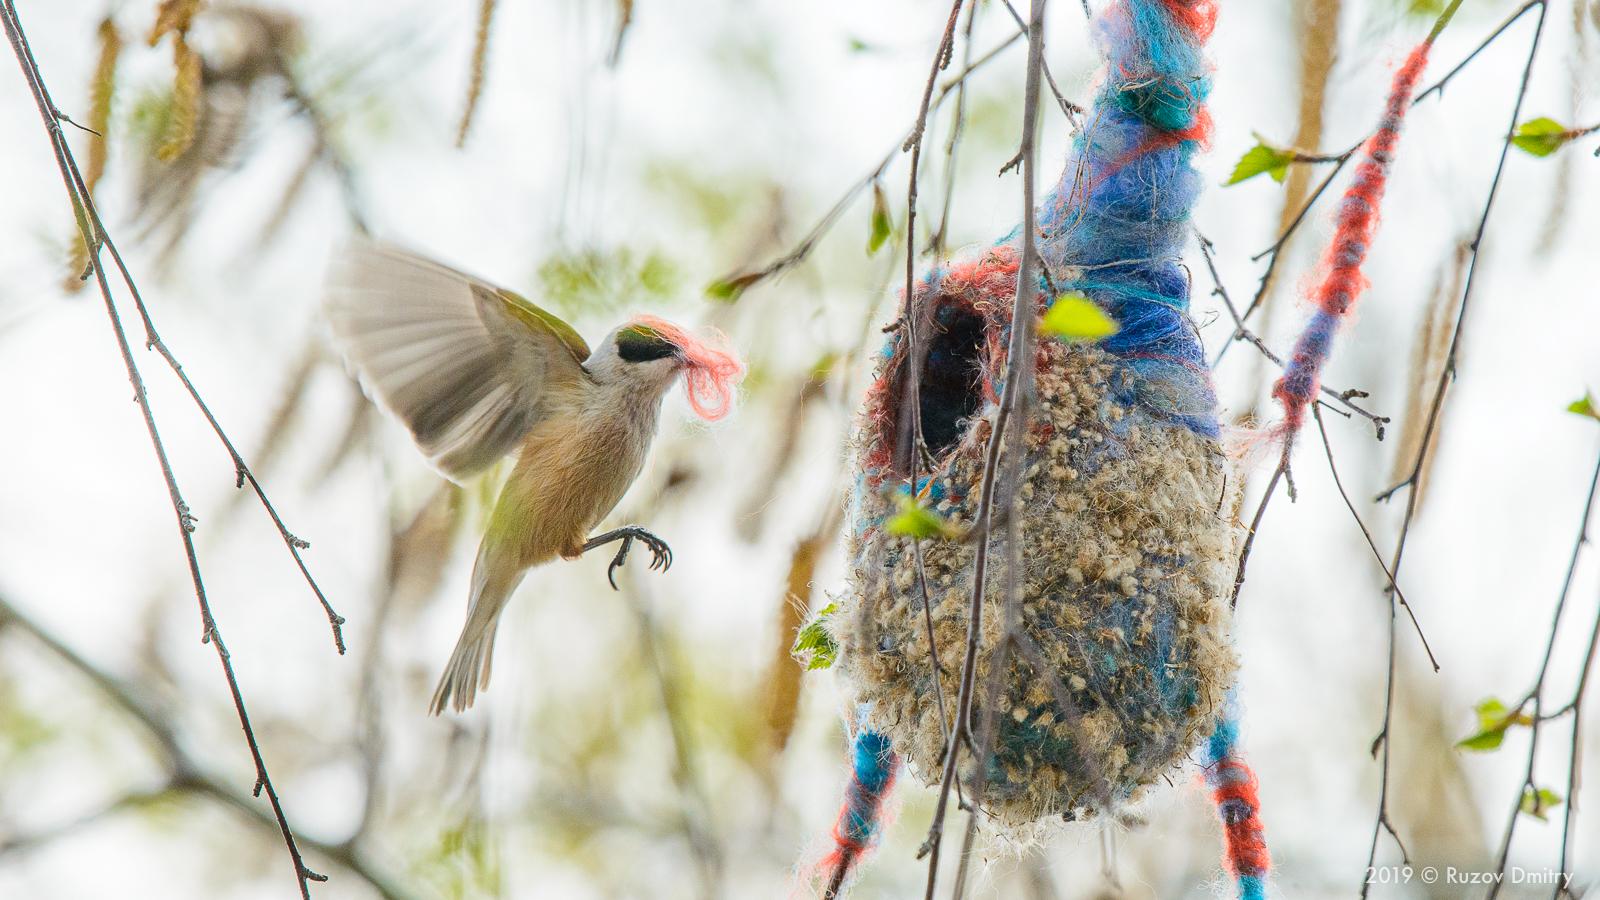 Самец ремеза обыкновенного строит гнездо с использованием цветной шерсти. Васильевские озера, Самарская область, май 2019 г.